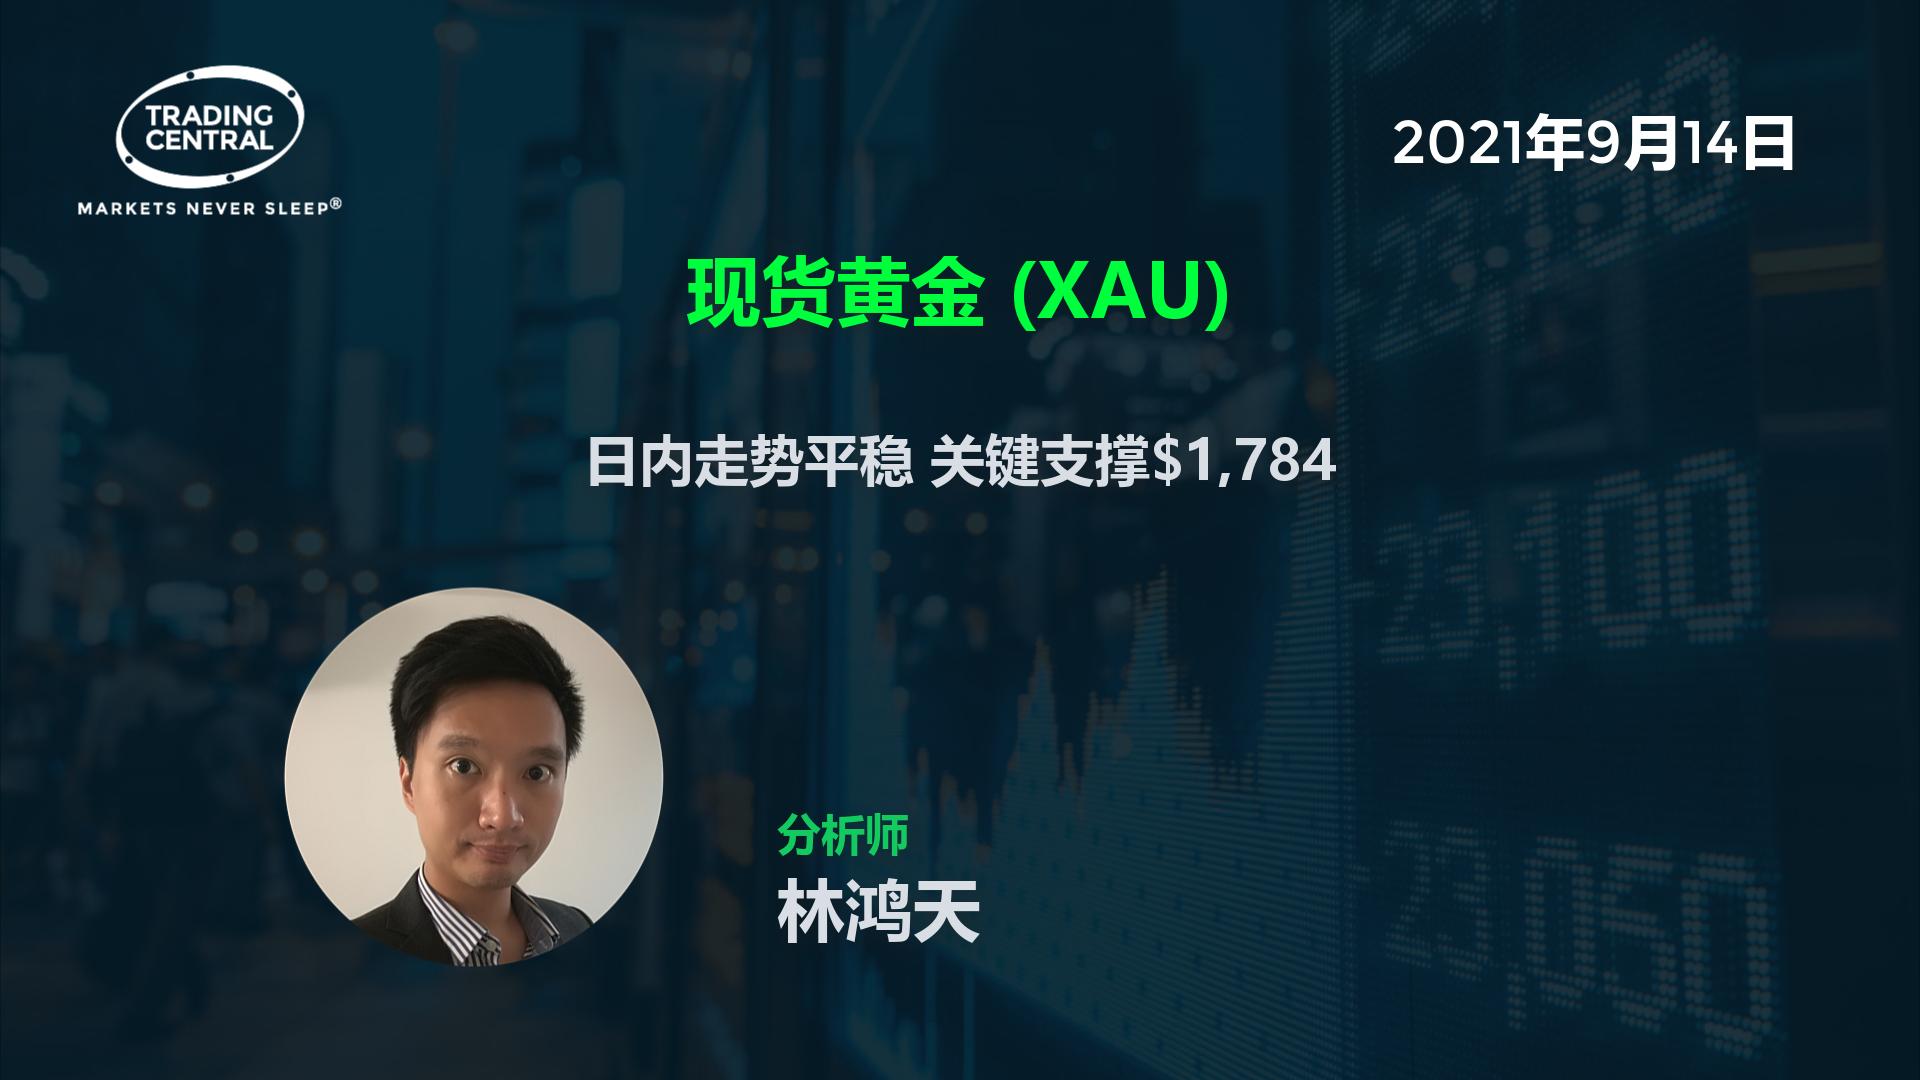 现货黄金 (XAU) - 日内走势平稳 关键支撑$1,784